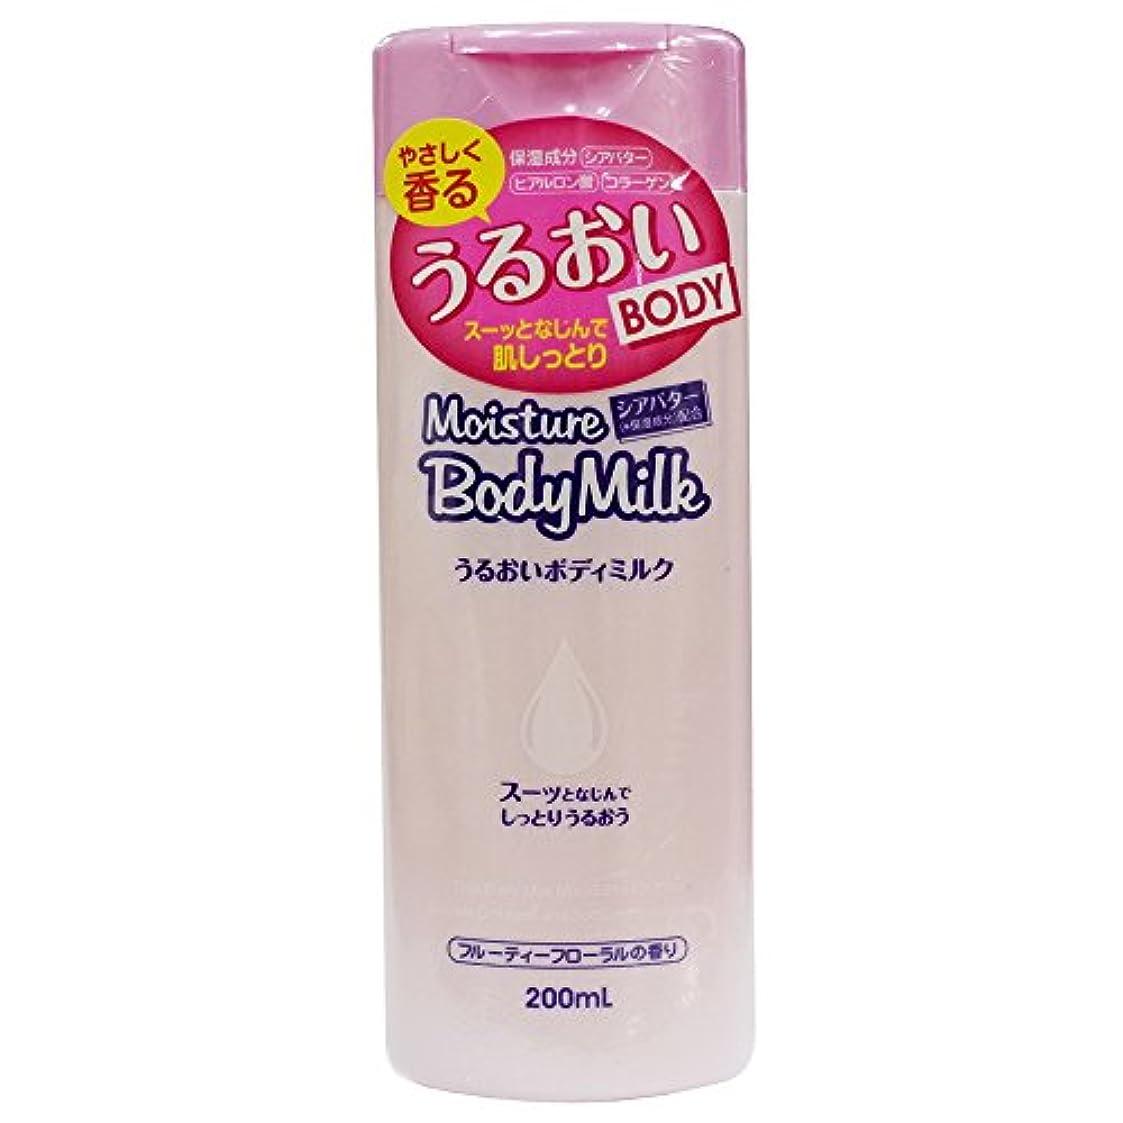 行日焼け球状エムシートラスト プレヴェーユ ボディミルクCLC(乳液)